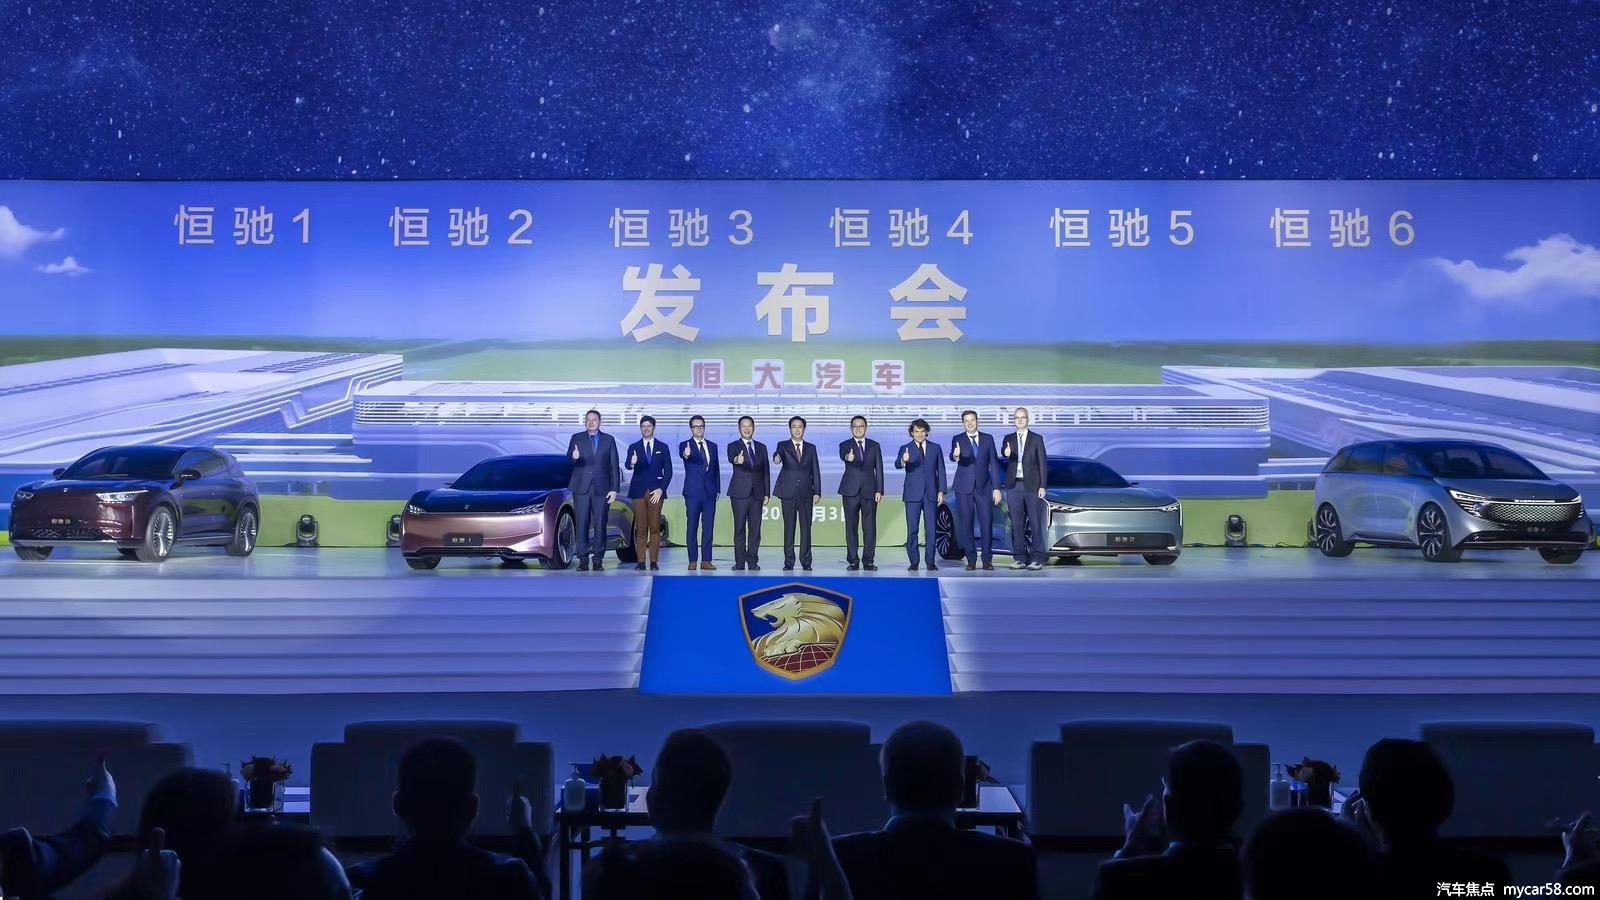 恒大汽车正式亮相,六款新车型,涵盖多个级别!